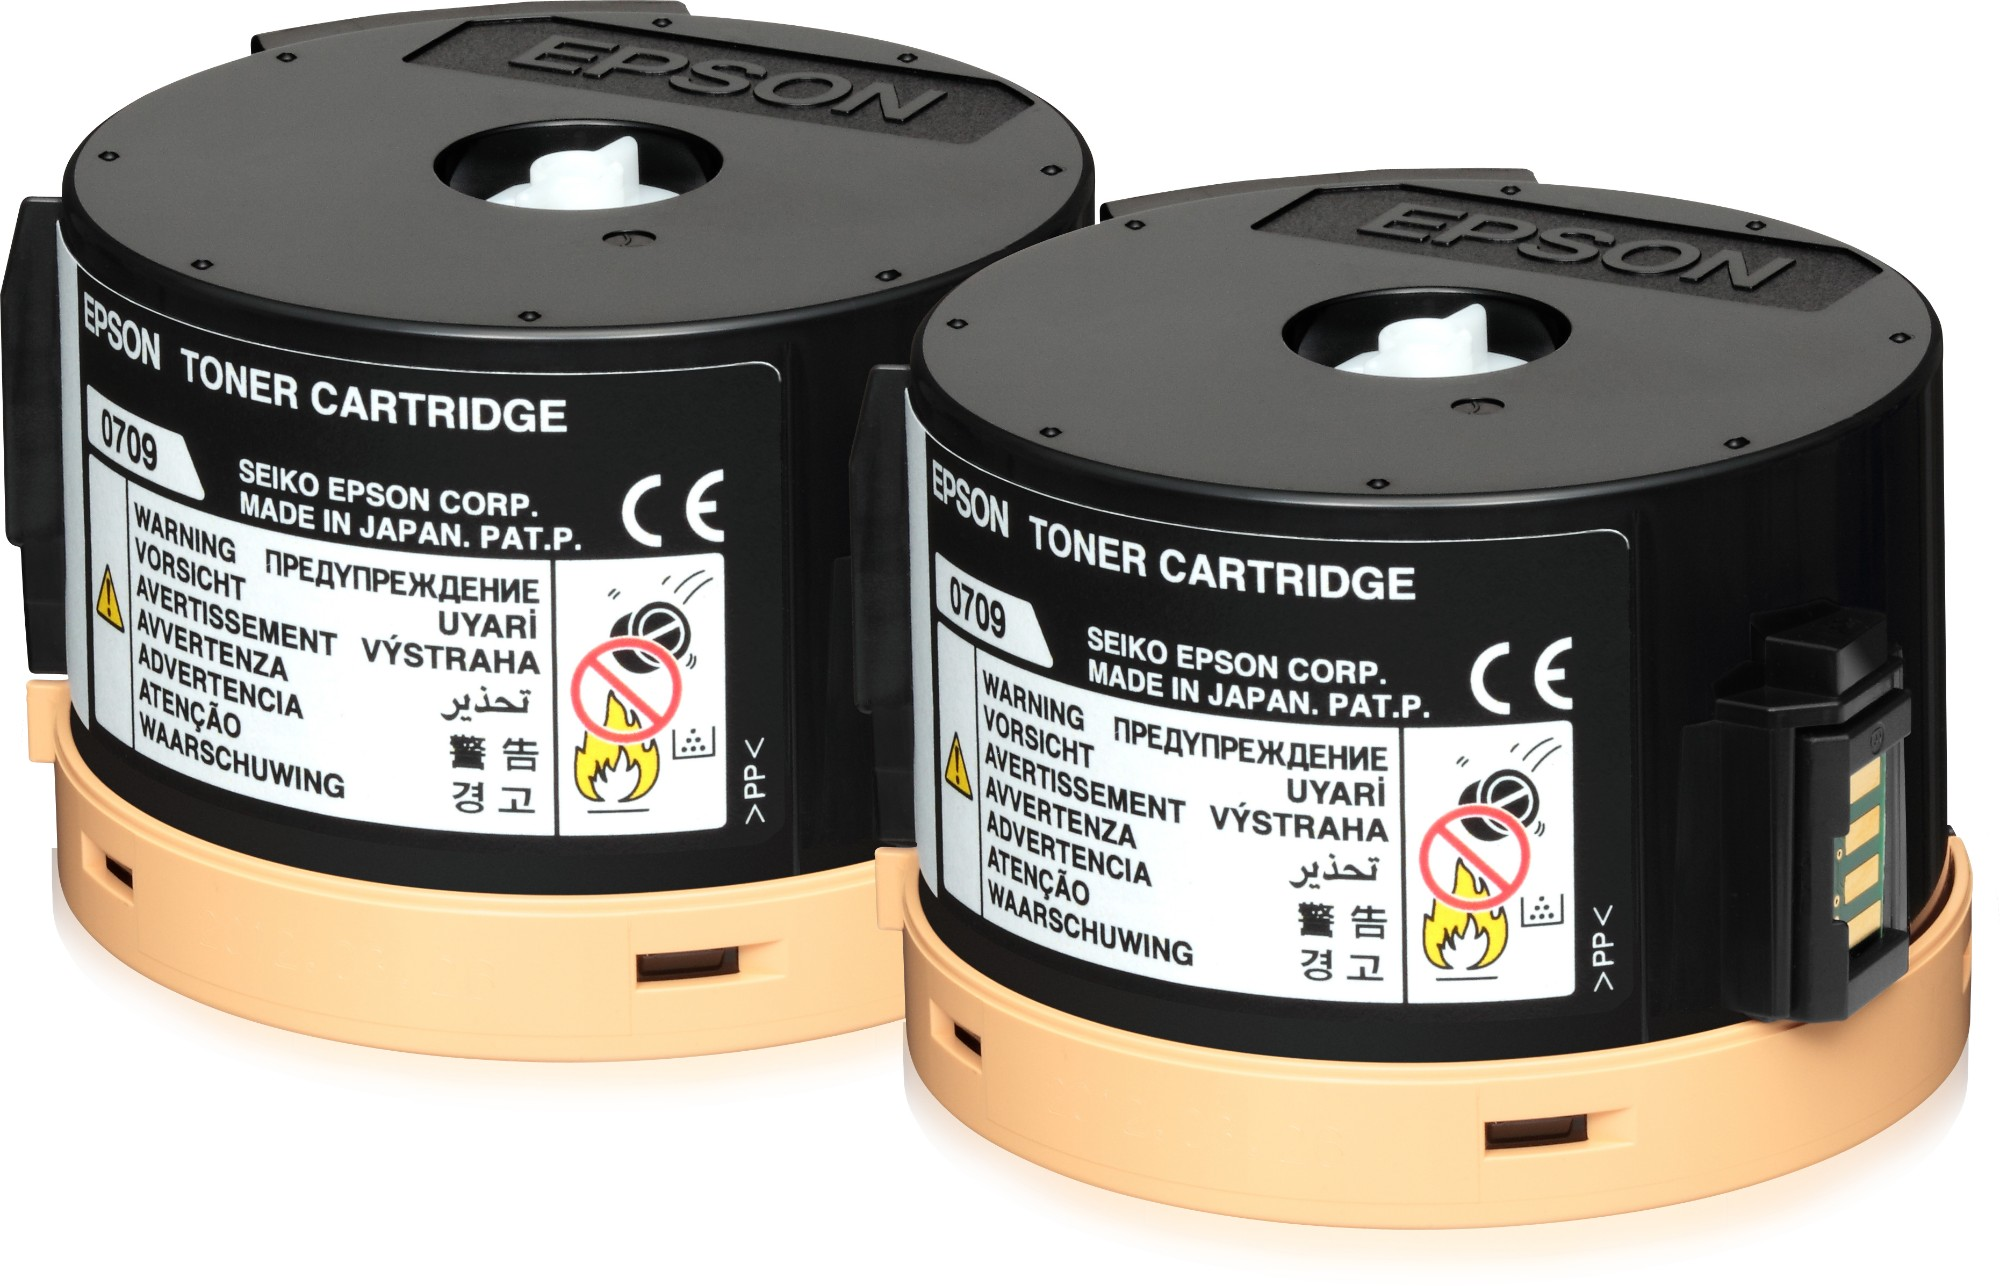 Epson Doble cartucho de tóner negro 2 x 2.5k